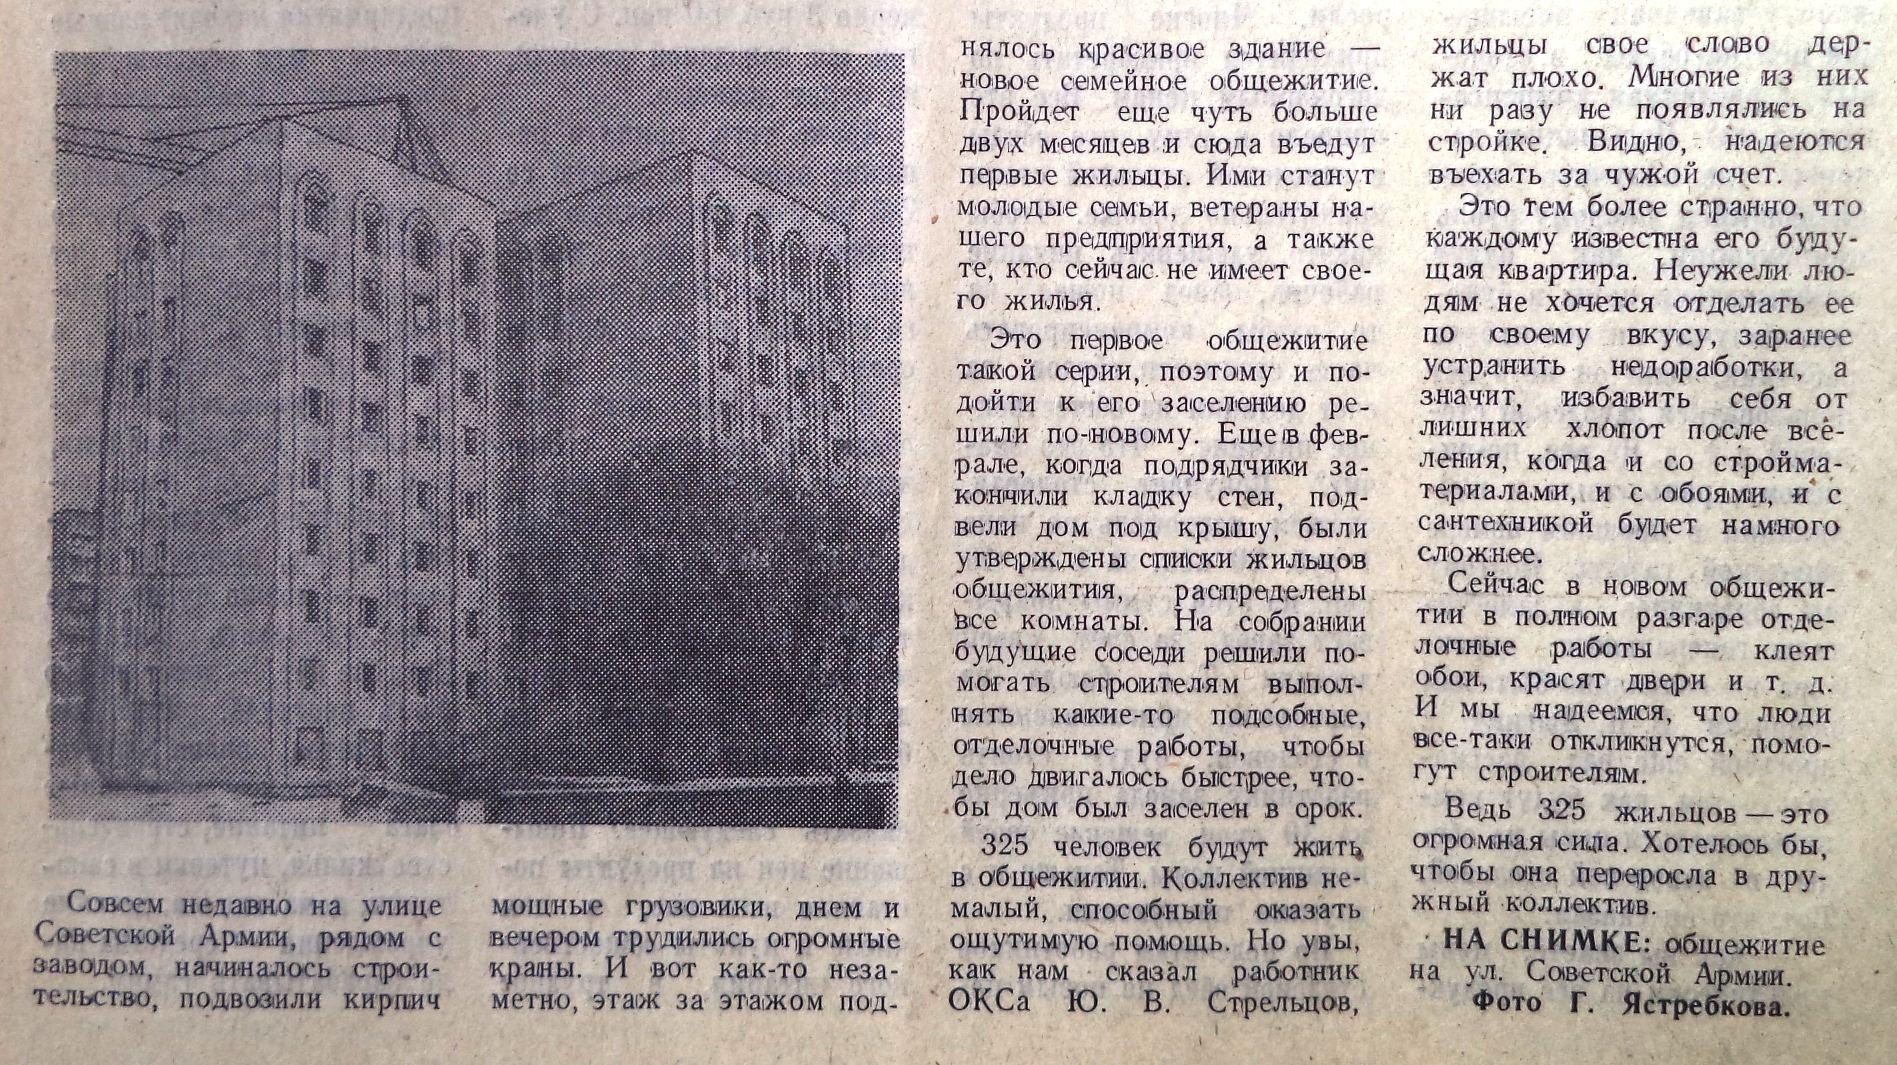 СА-ФОТО-057-За боевые темпы-1991-18 апреля-1-min